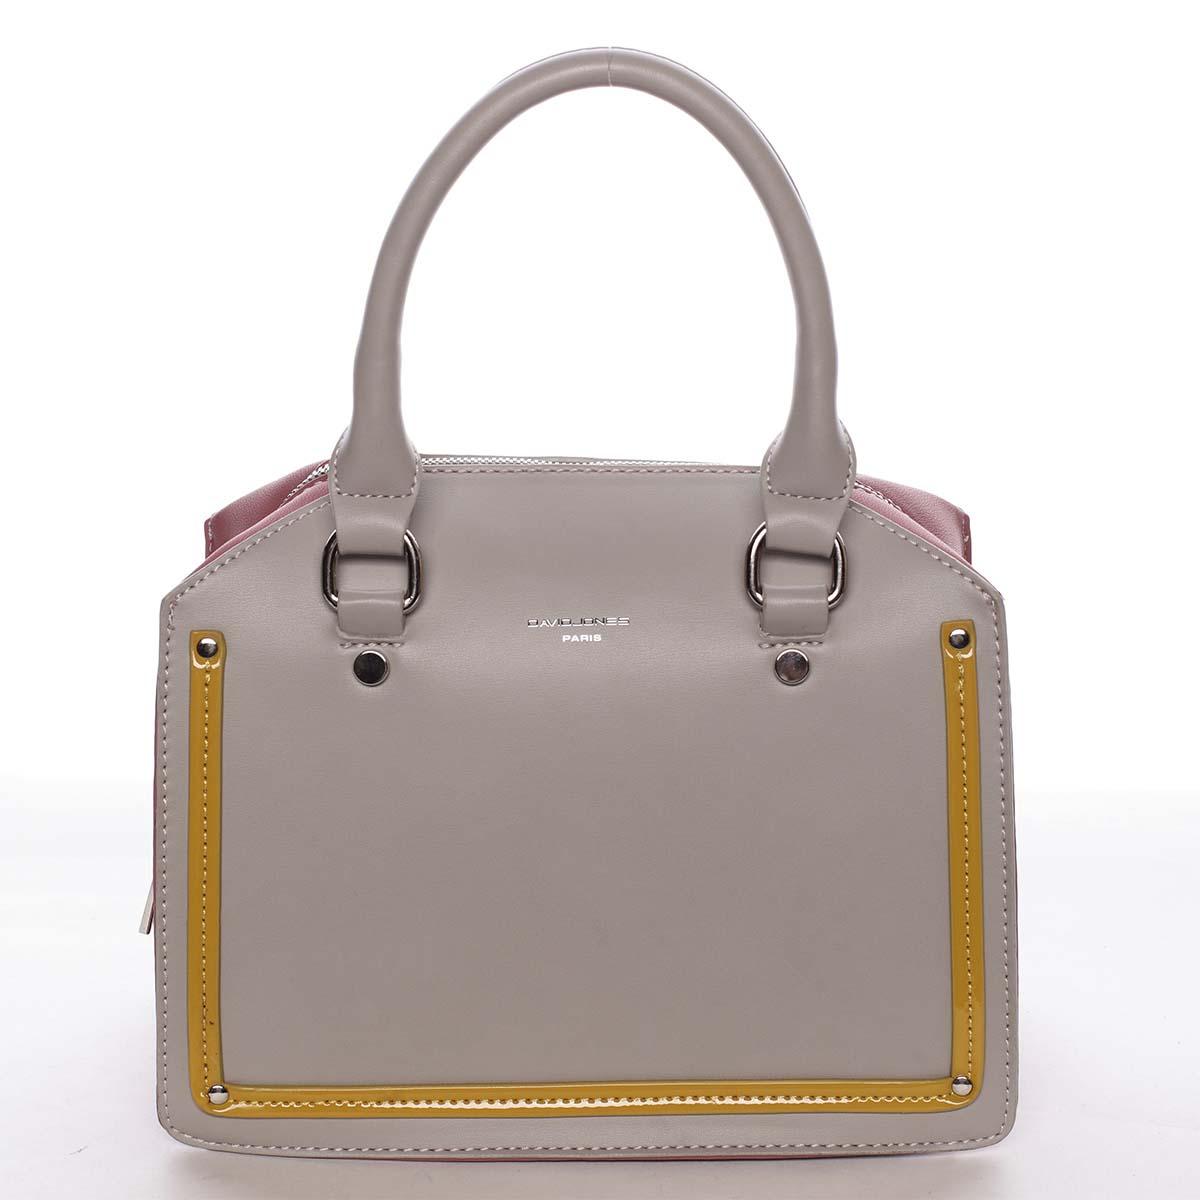 Malá originální dámská kabelka do ruky šedá - David Jones Aglaia šedá